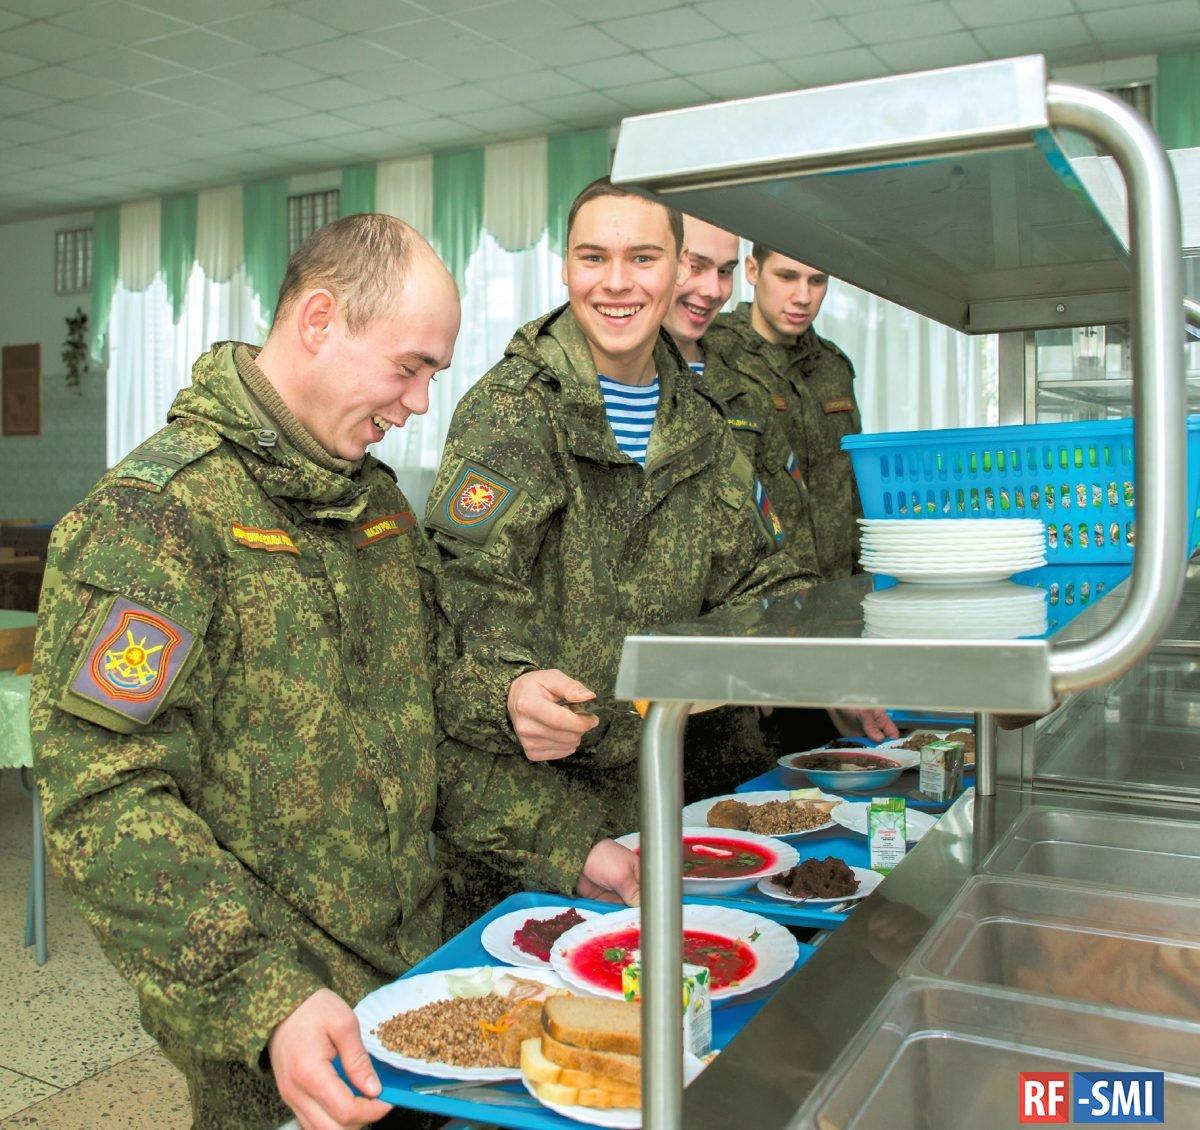 Лук, чеснок и тренировки – российские солдаты переходят на зимний режим